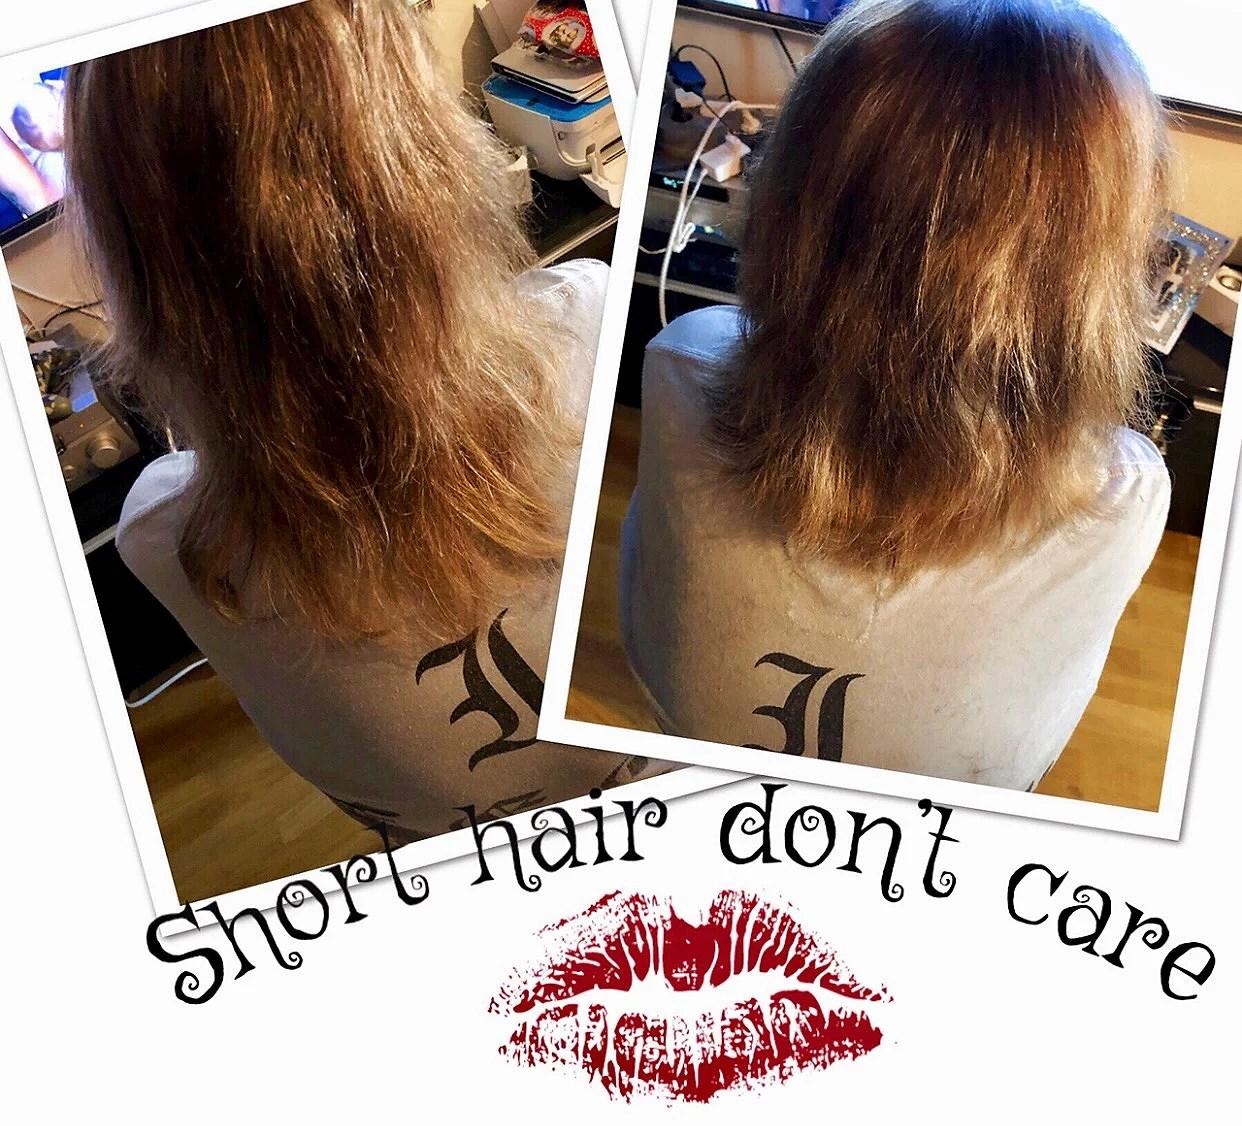 Short hair don't care 💁♀️